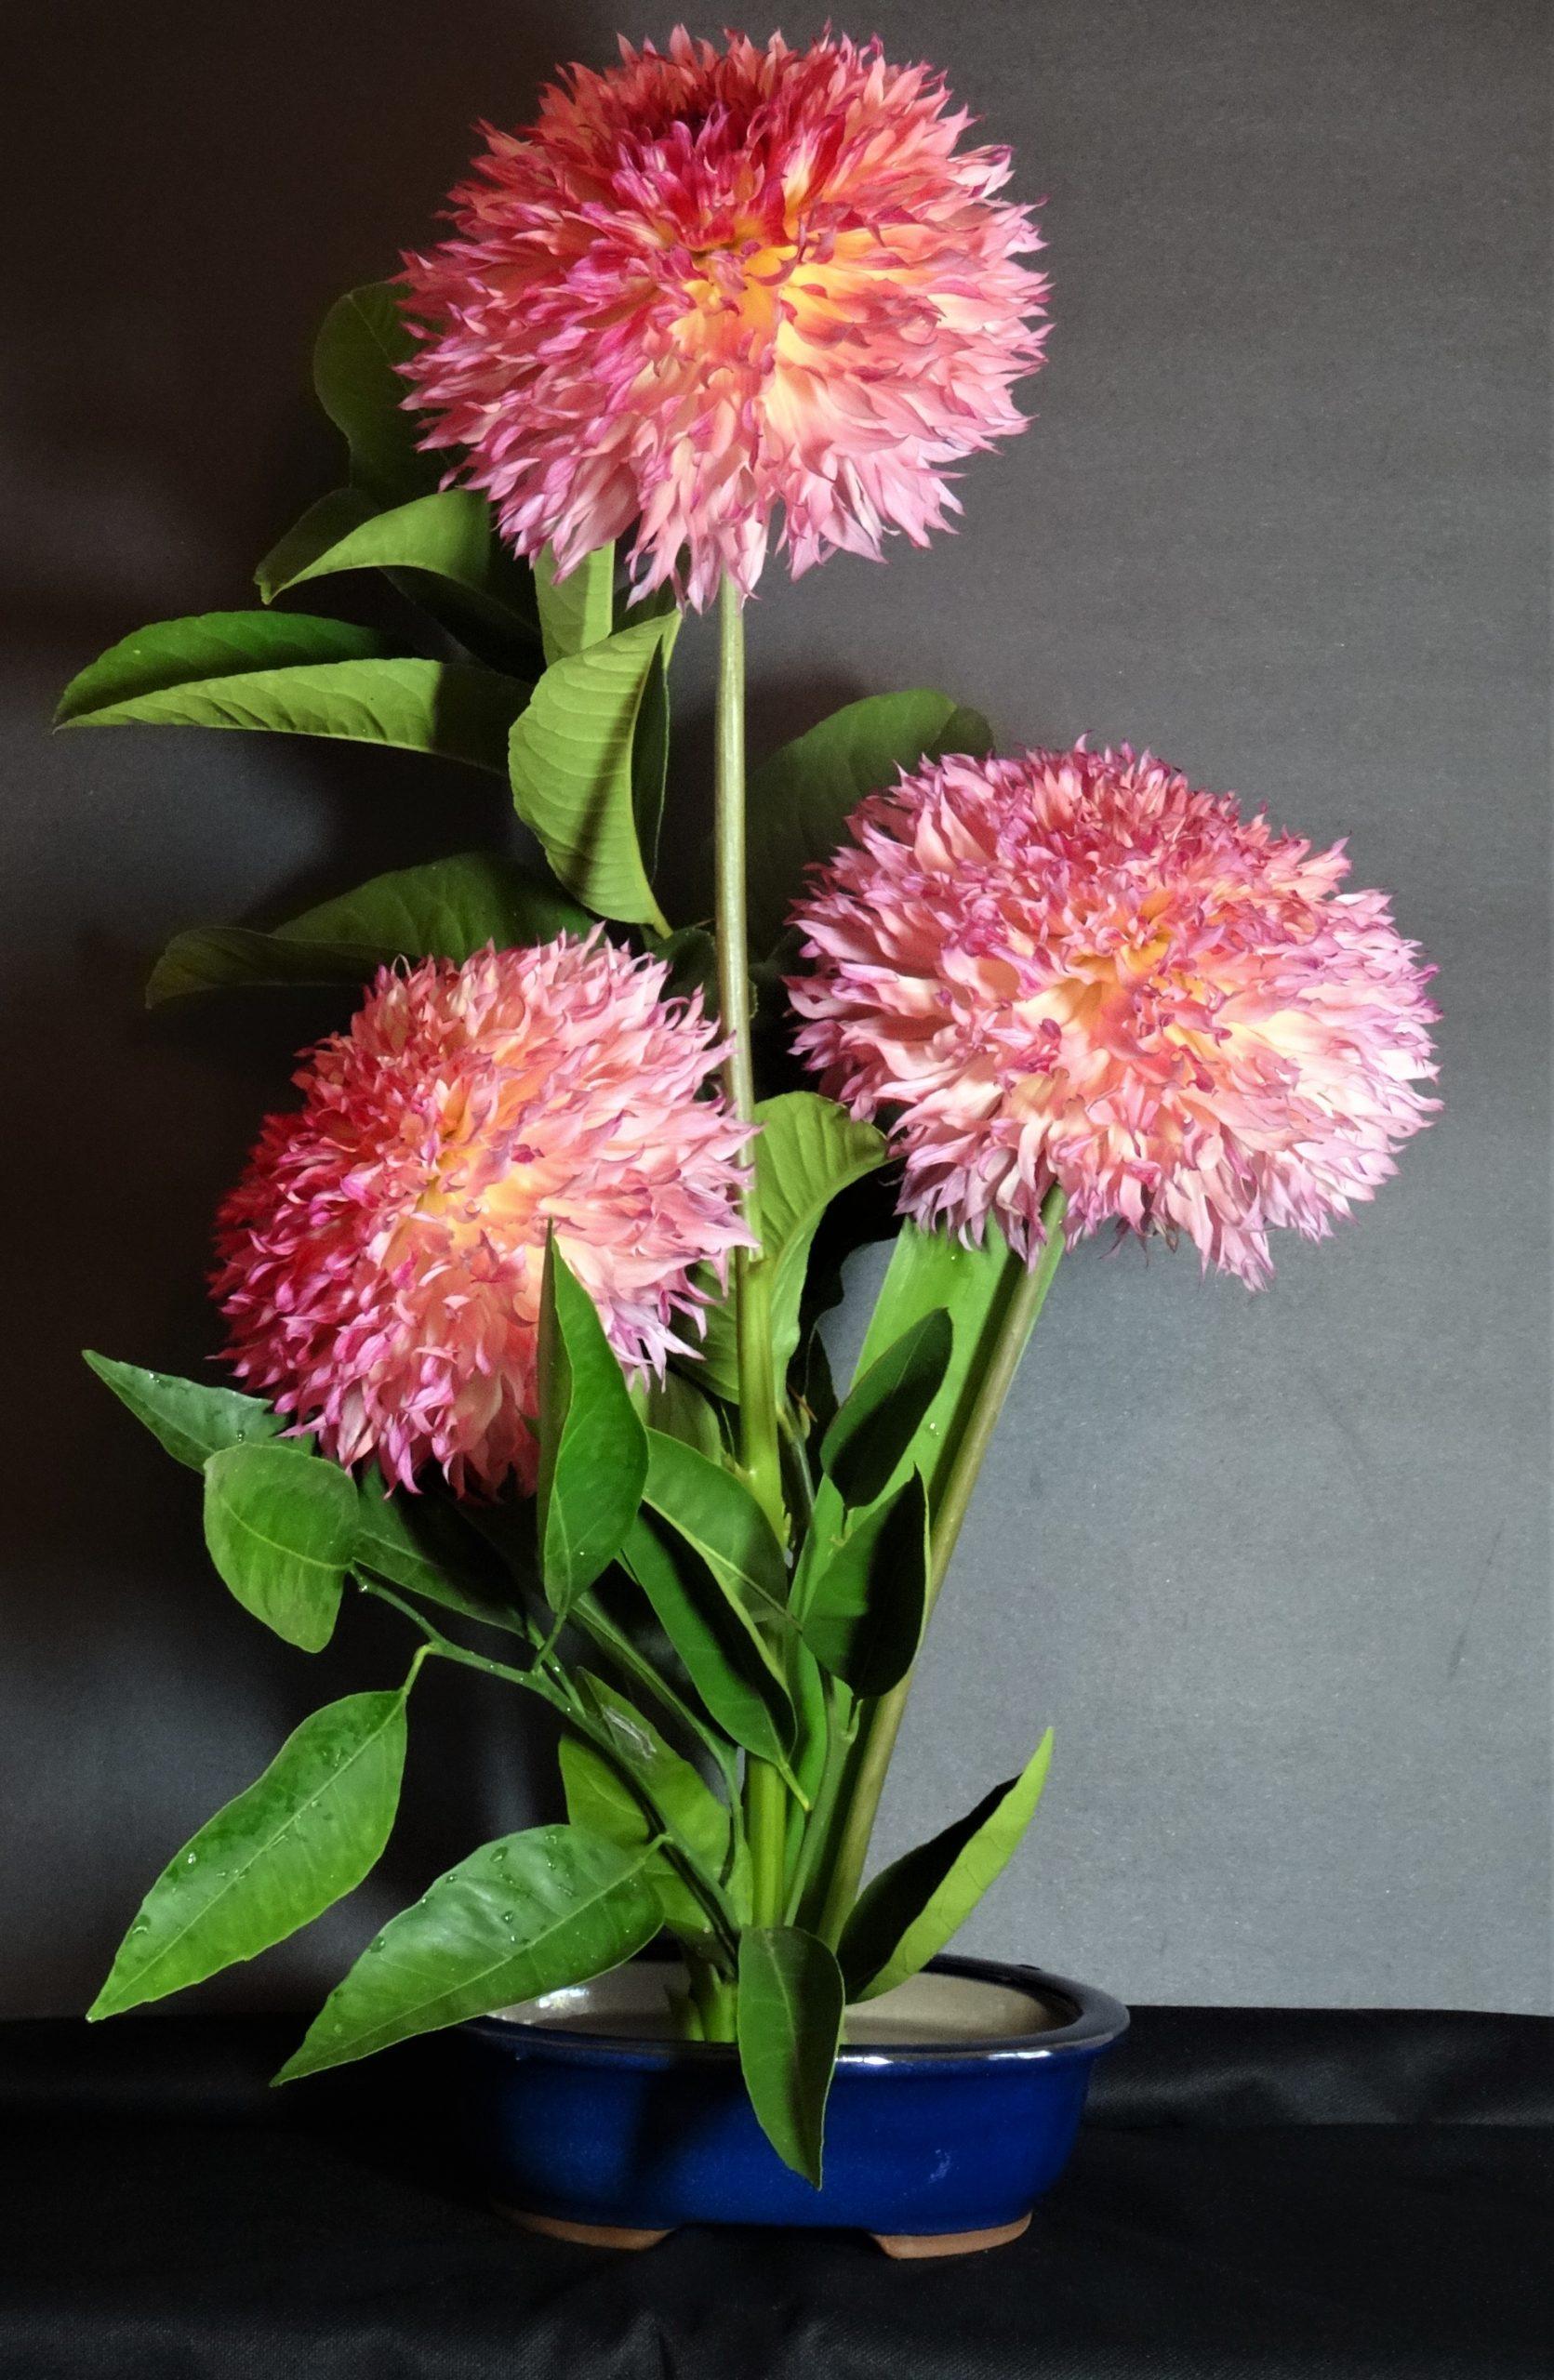 9901-Lakeview Peach Fuzz Bouquet-Diane Bond-Bond Nutter